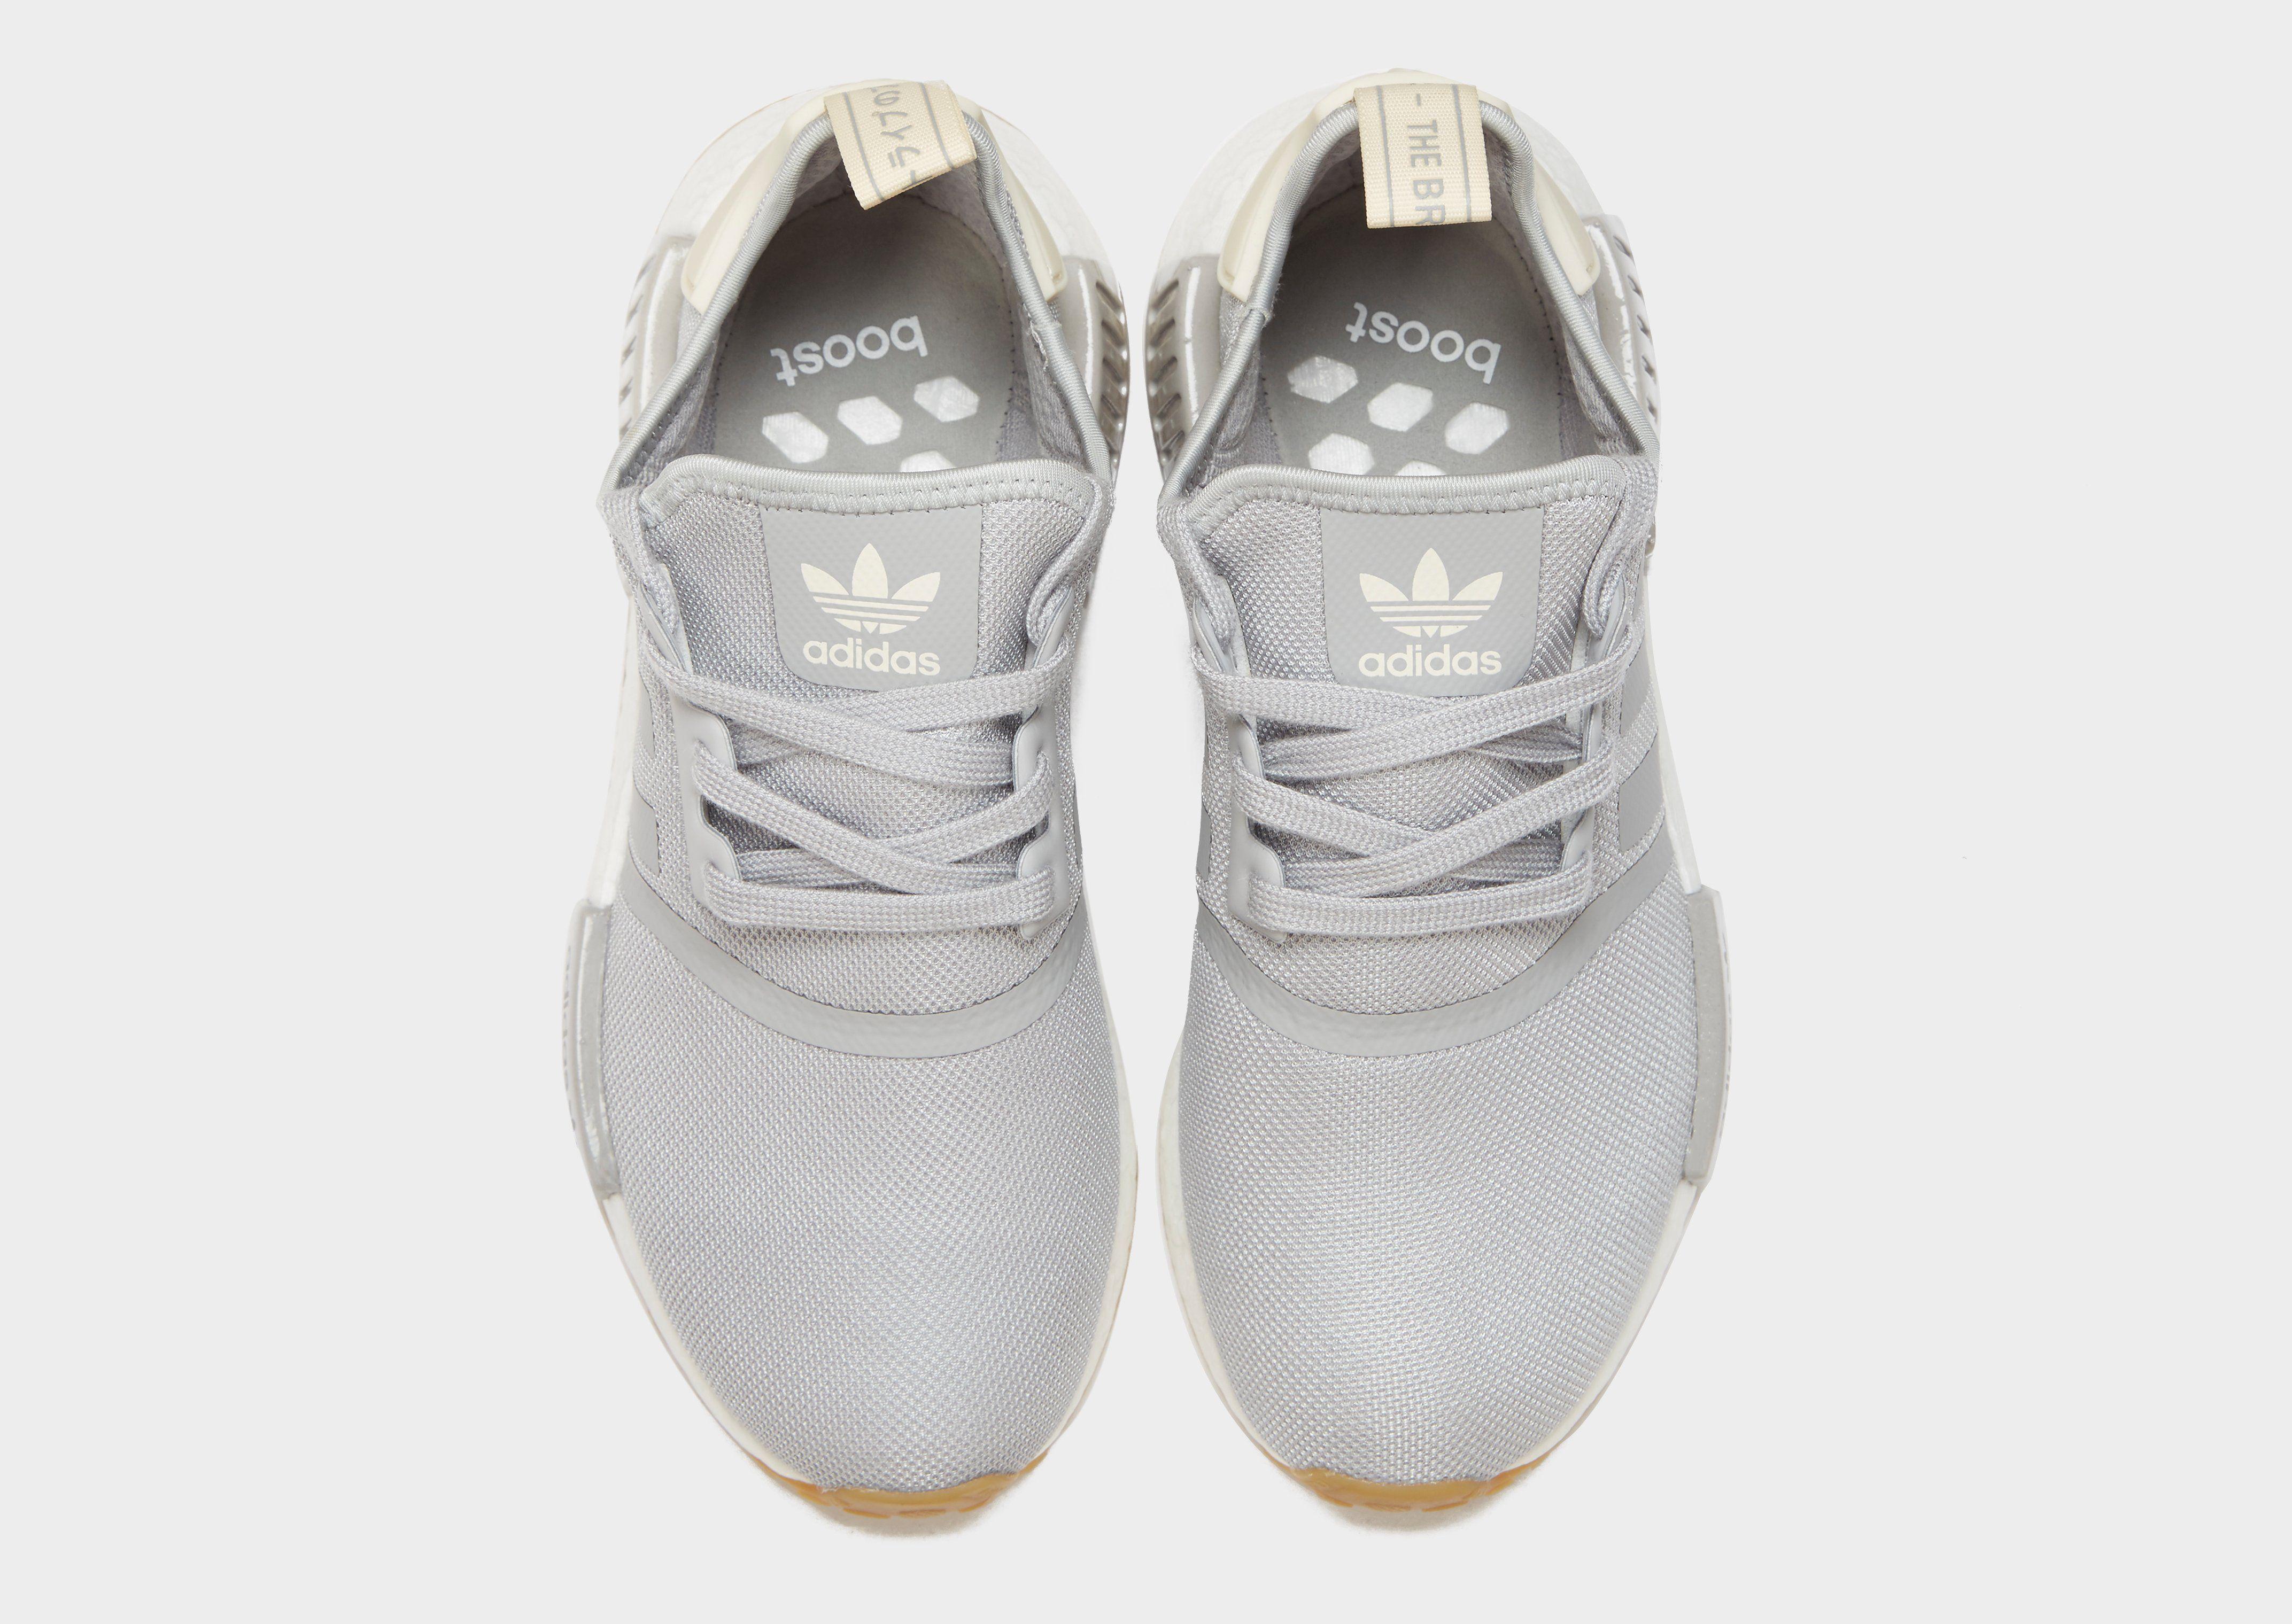 adidas Originals Adidas Originals NMD_ R1 Femme